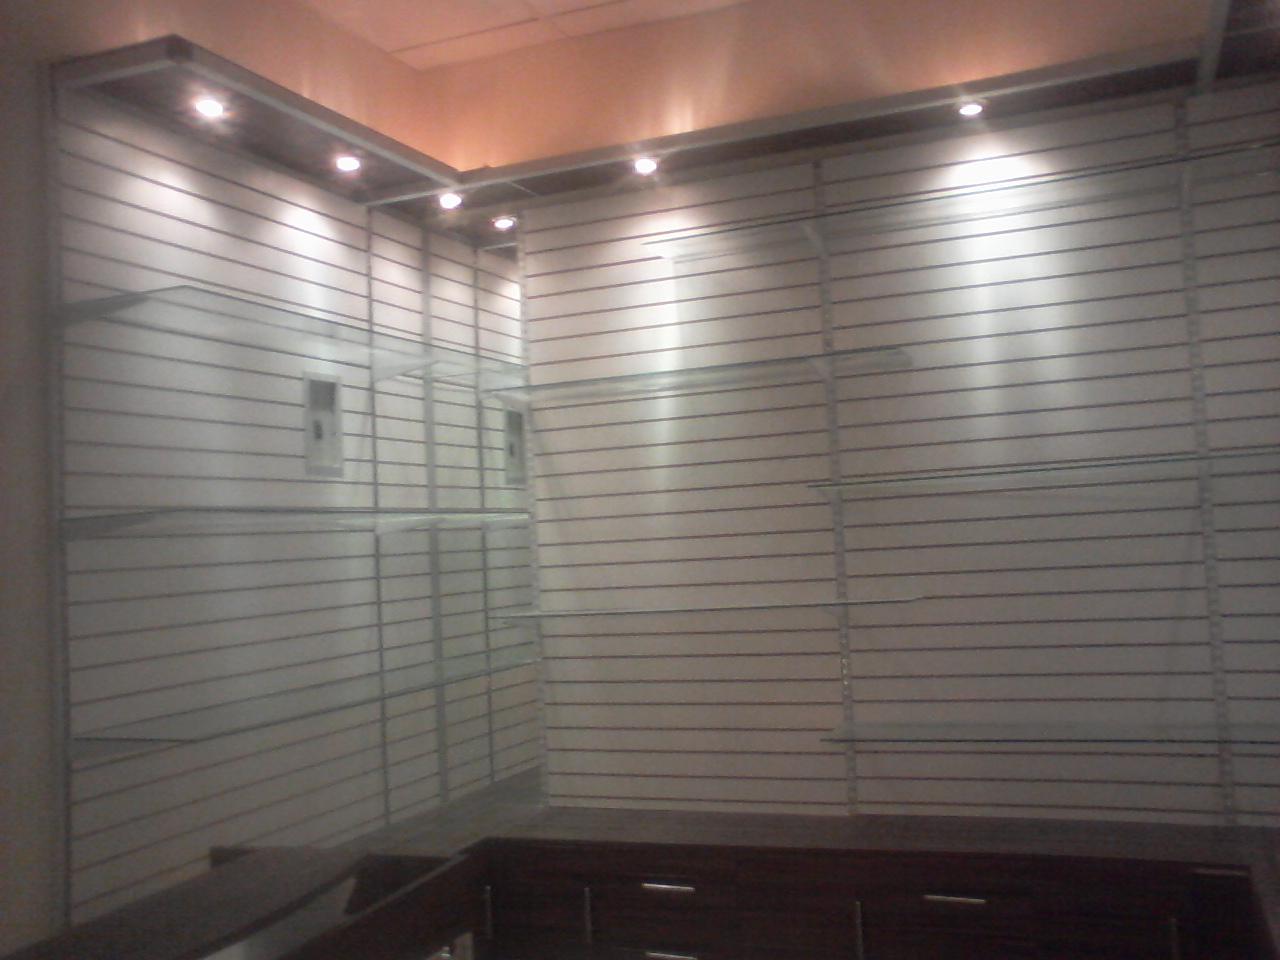 Aluminio y vidrio dise o de vitrinas en aluminio y vidrio - Vitrinas de diseno ...